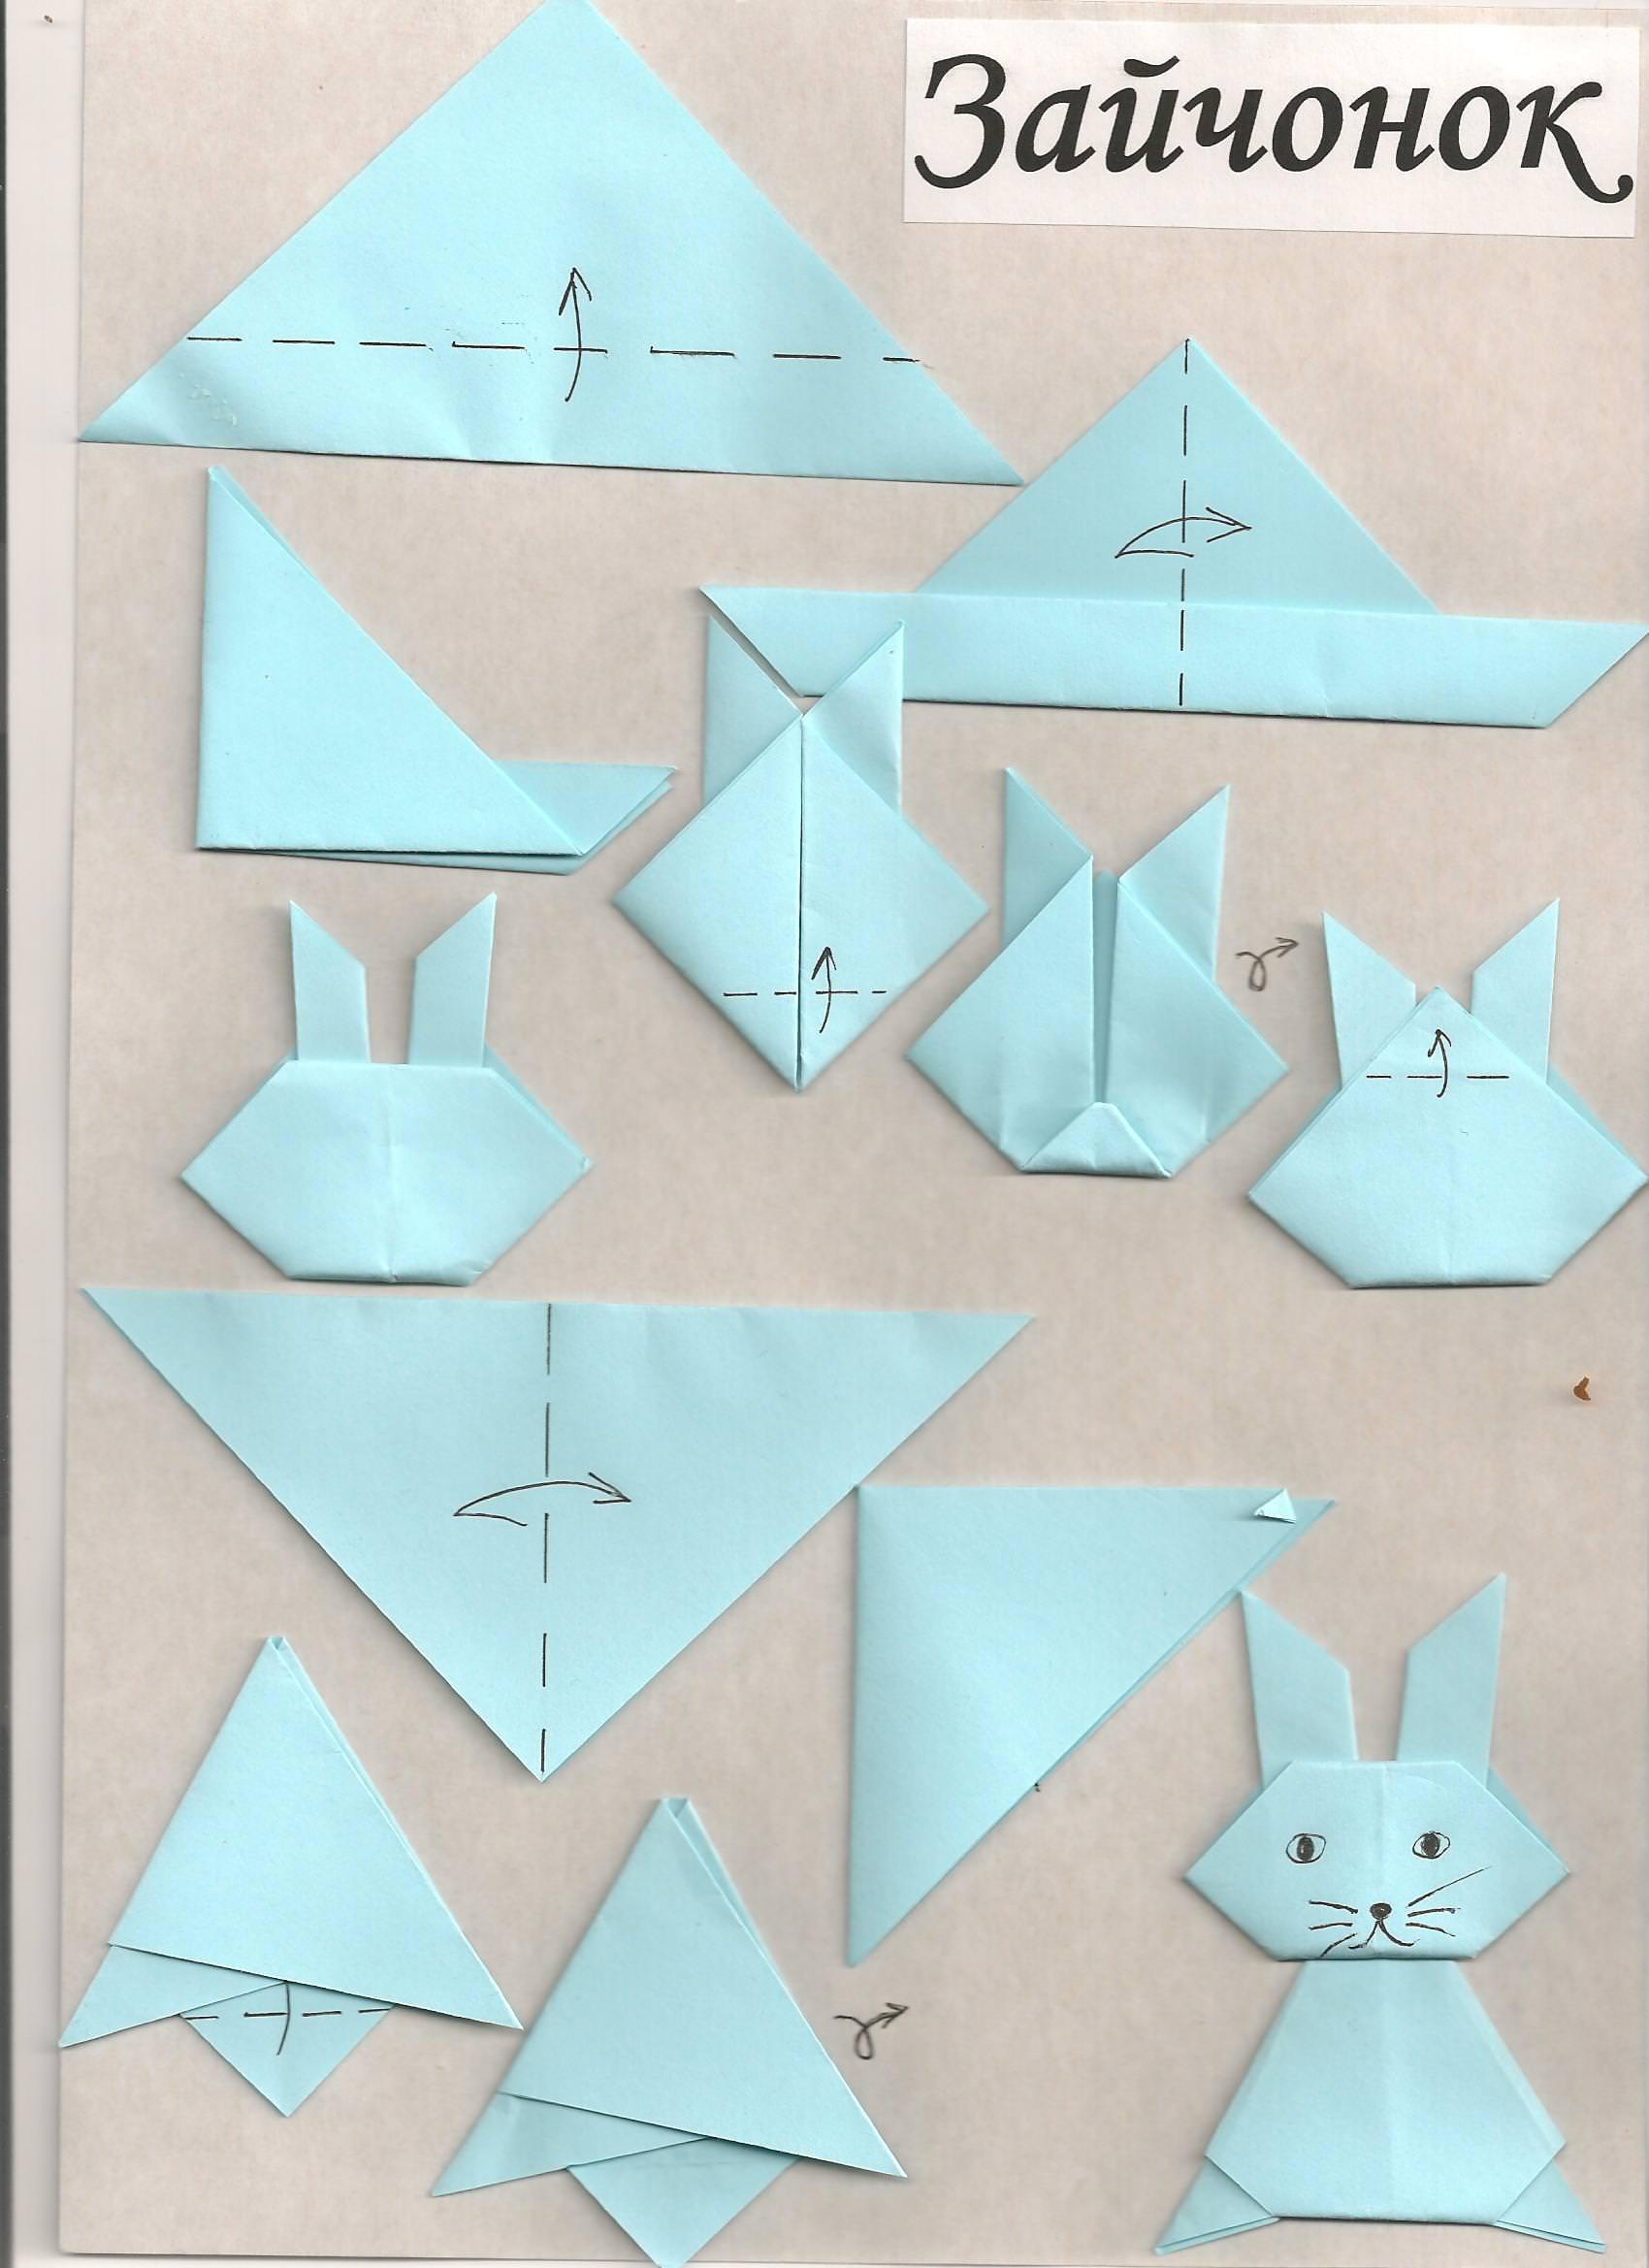 Конспекты занятий кружка по оригами